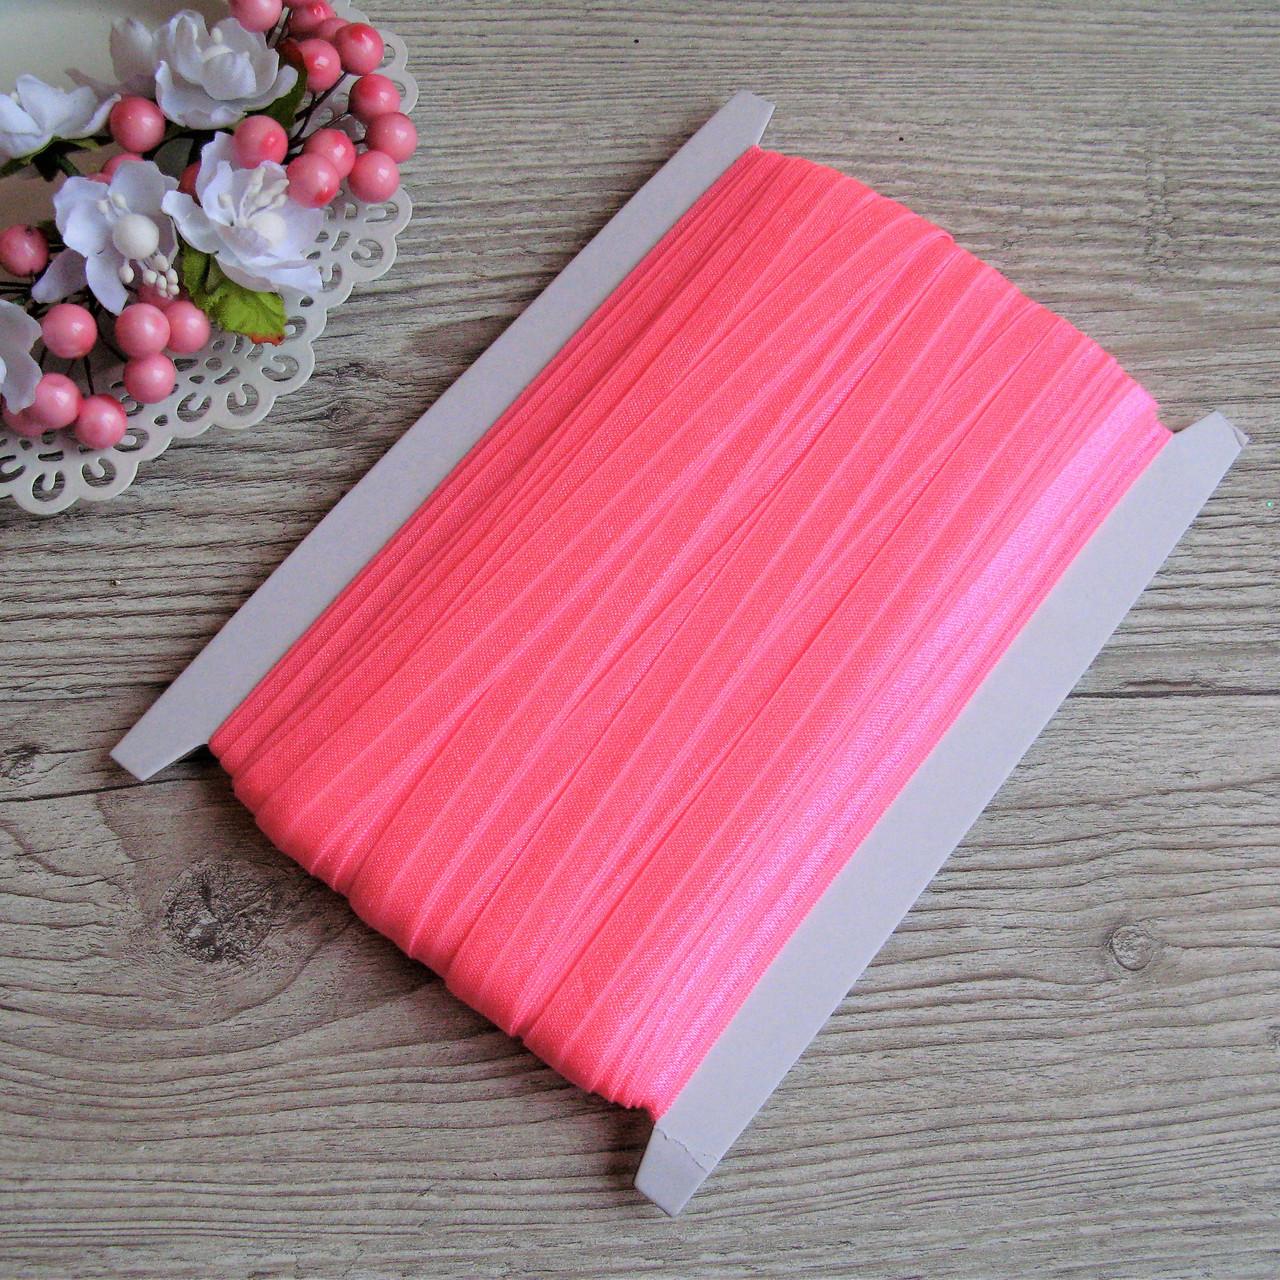 Бейка - резинка (лента-стрейч). Цвет ярко розовый 1.5 см